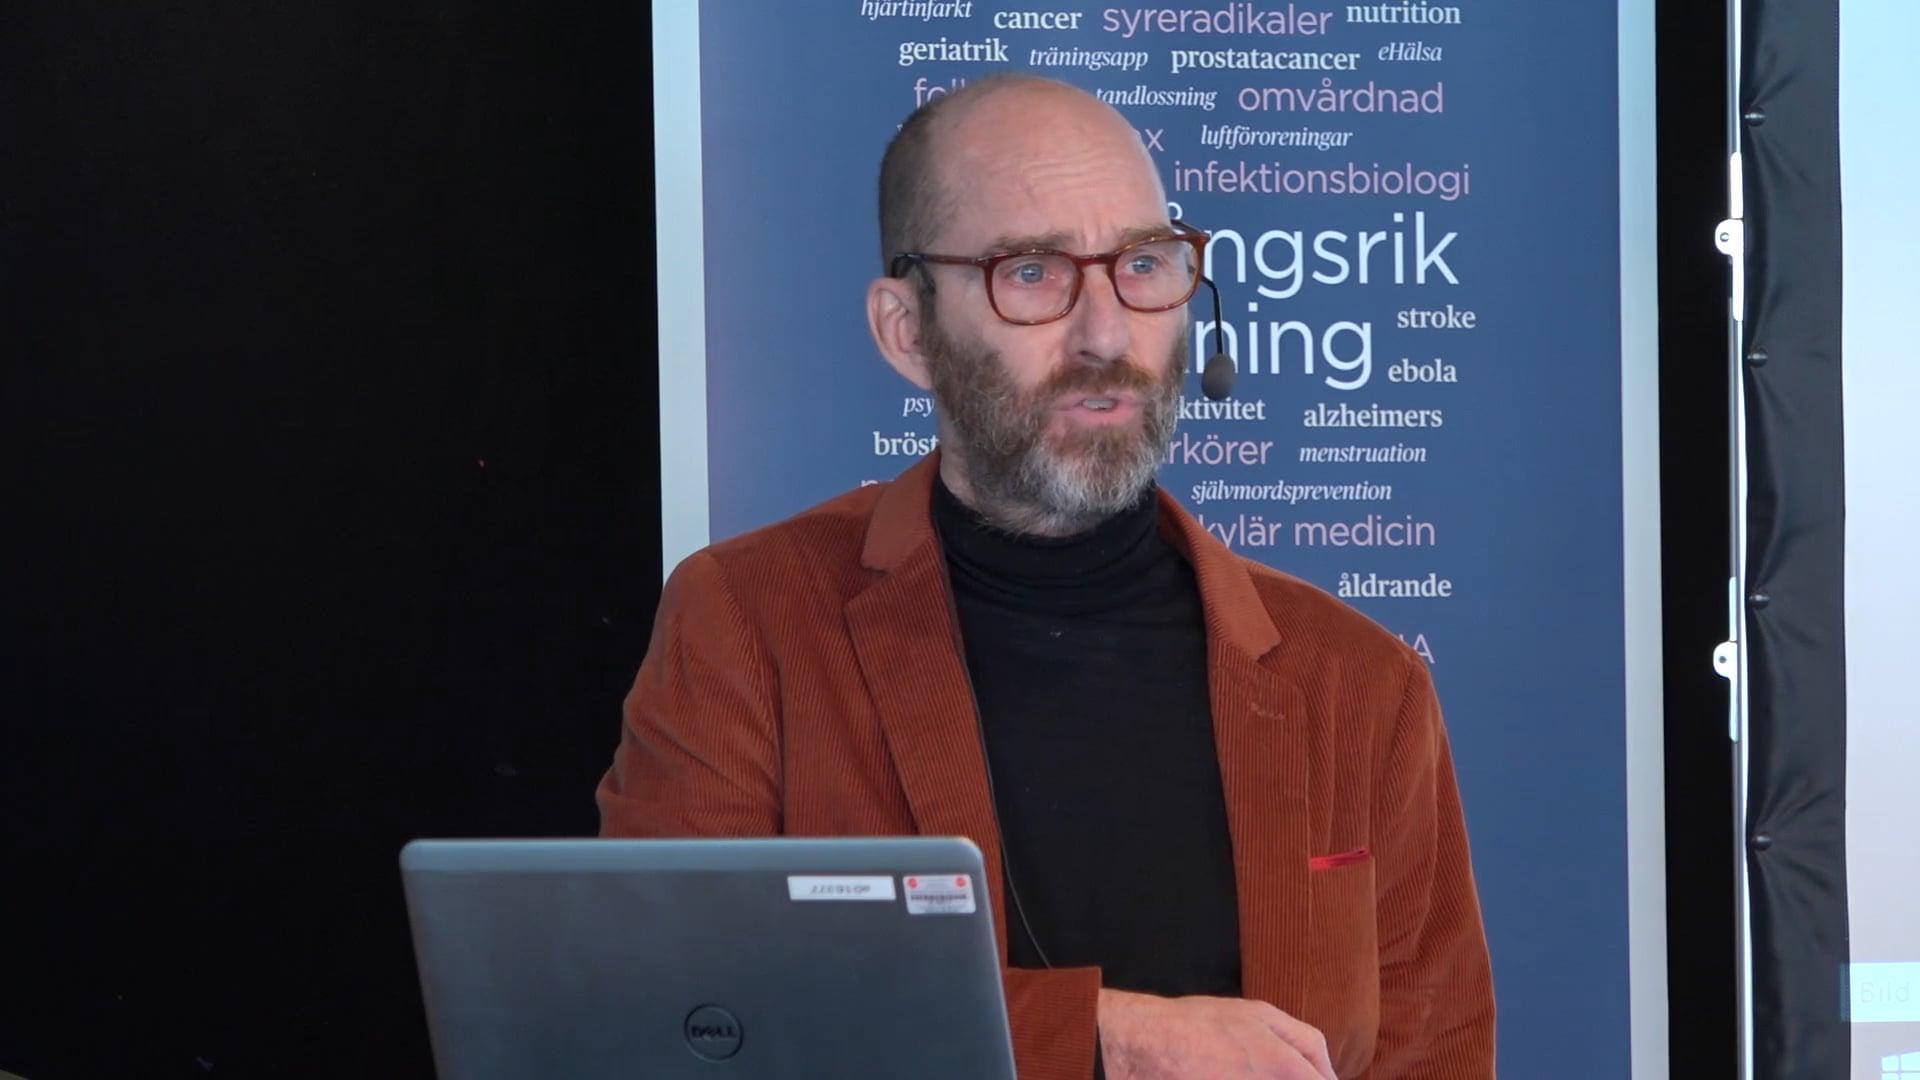 Film: Per Lindqvist: Tjocka hjärtan på spåret, vart är vi på väg?